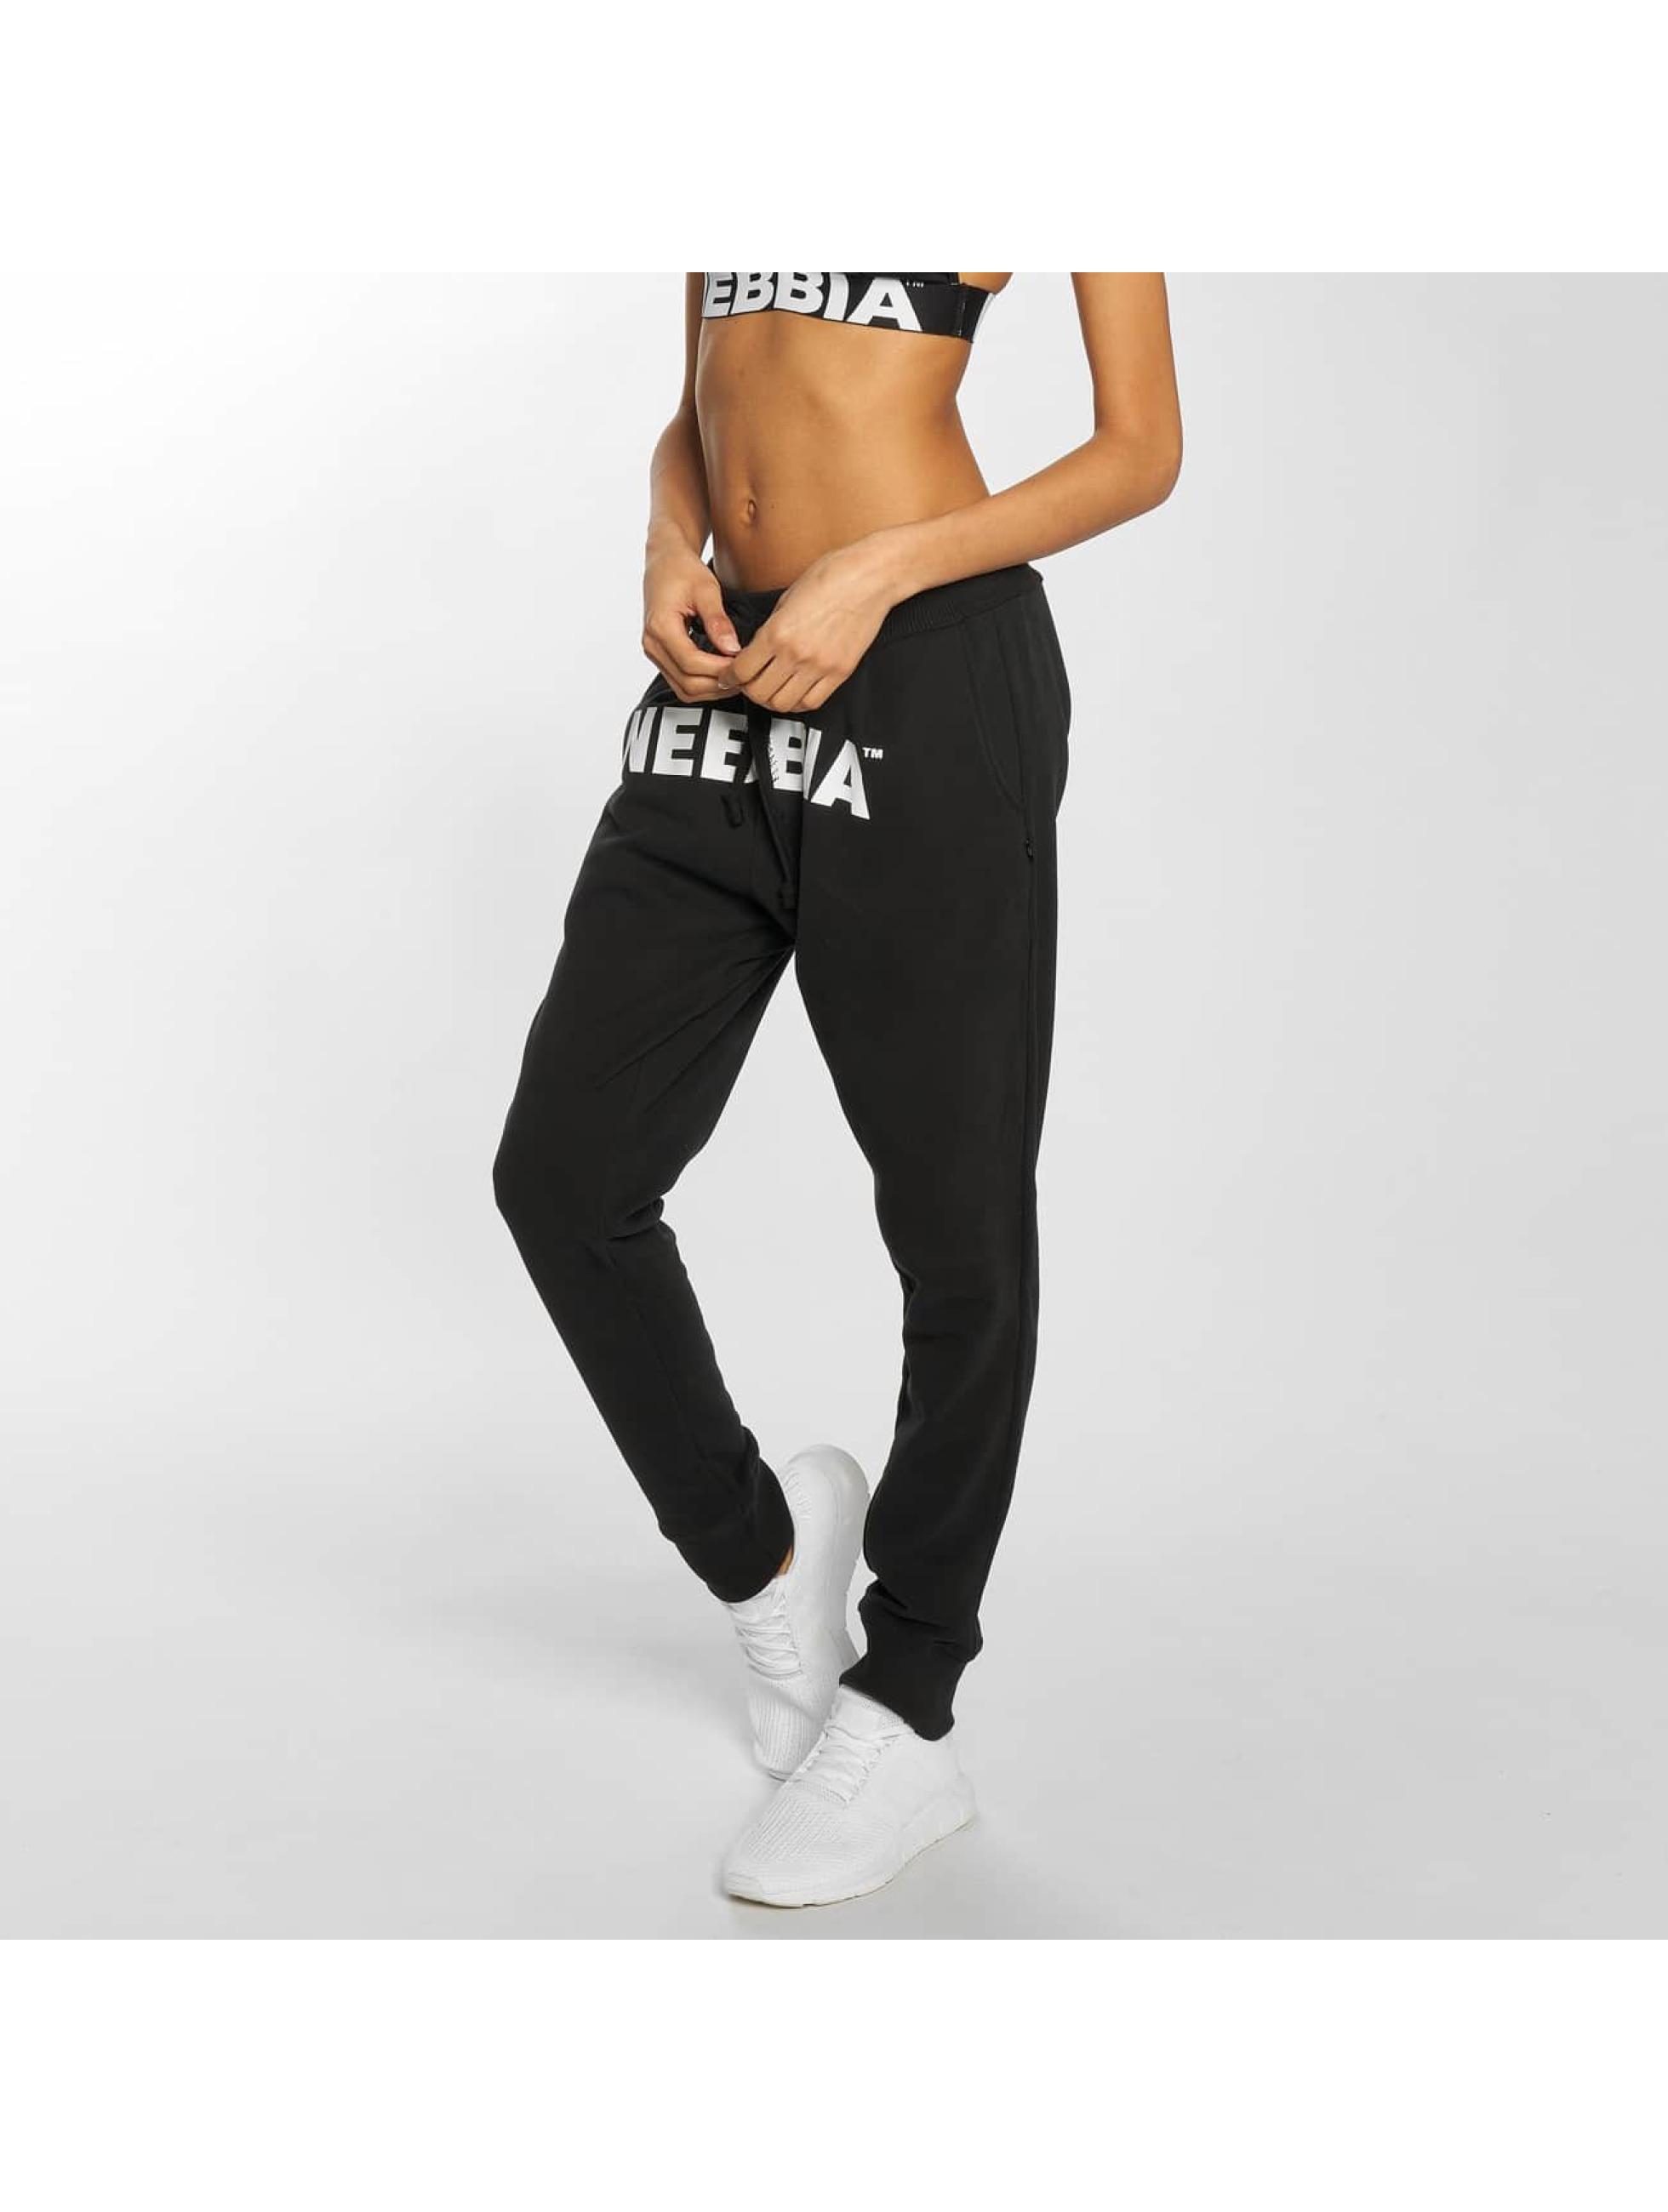 Nebbia Spodnie do joggingu Dropper Croatch czarny